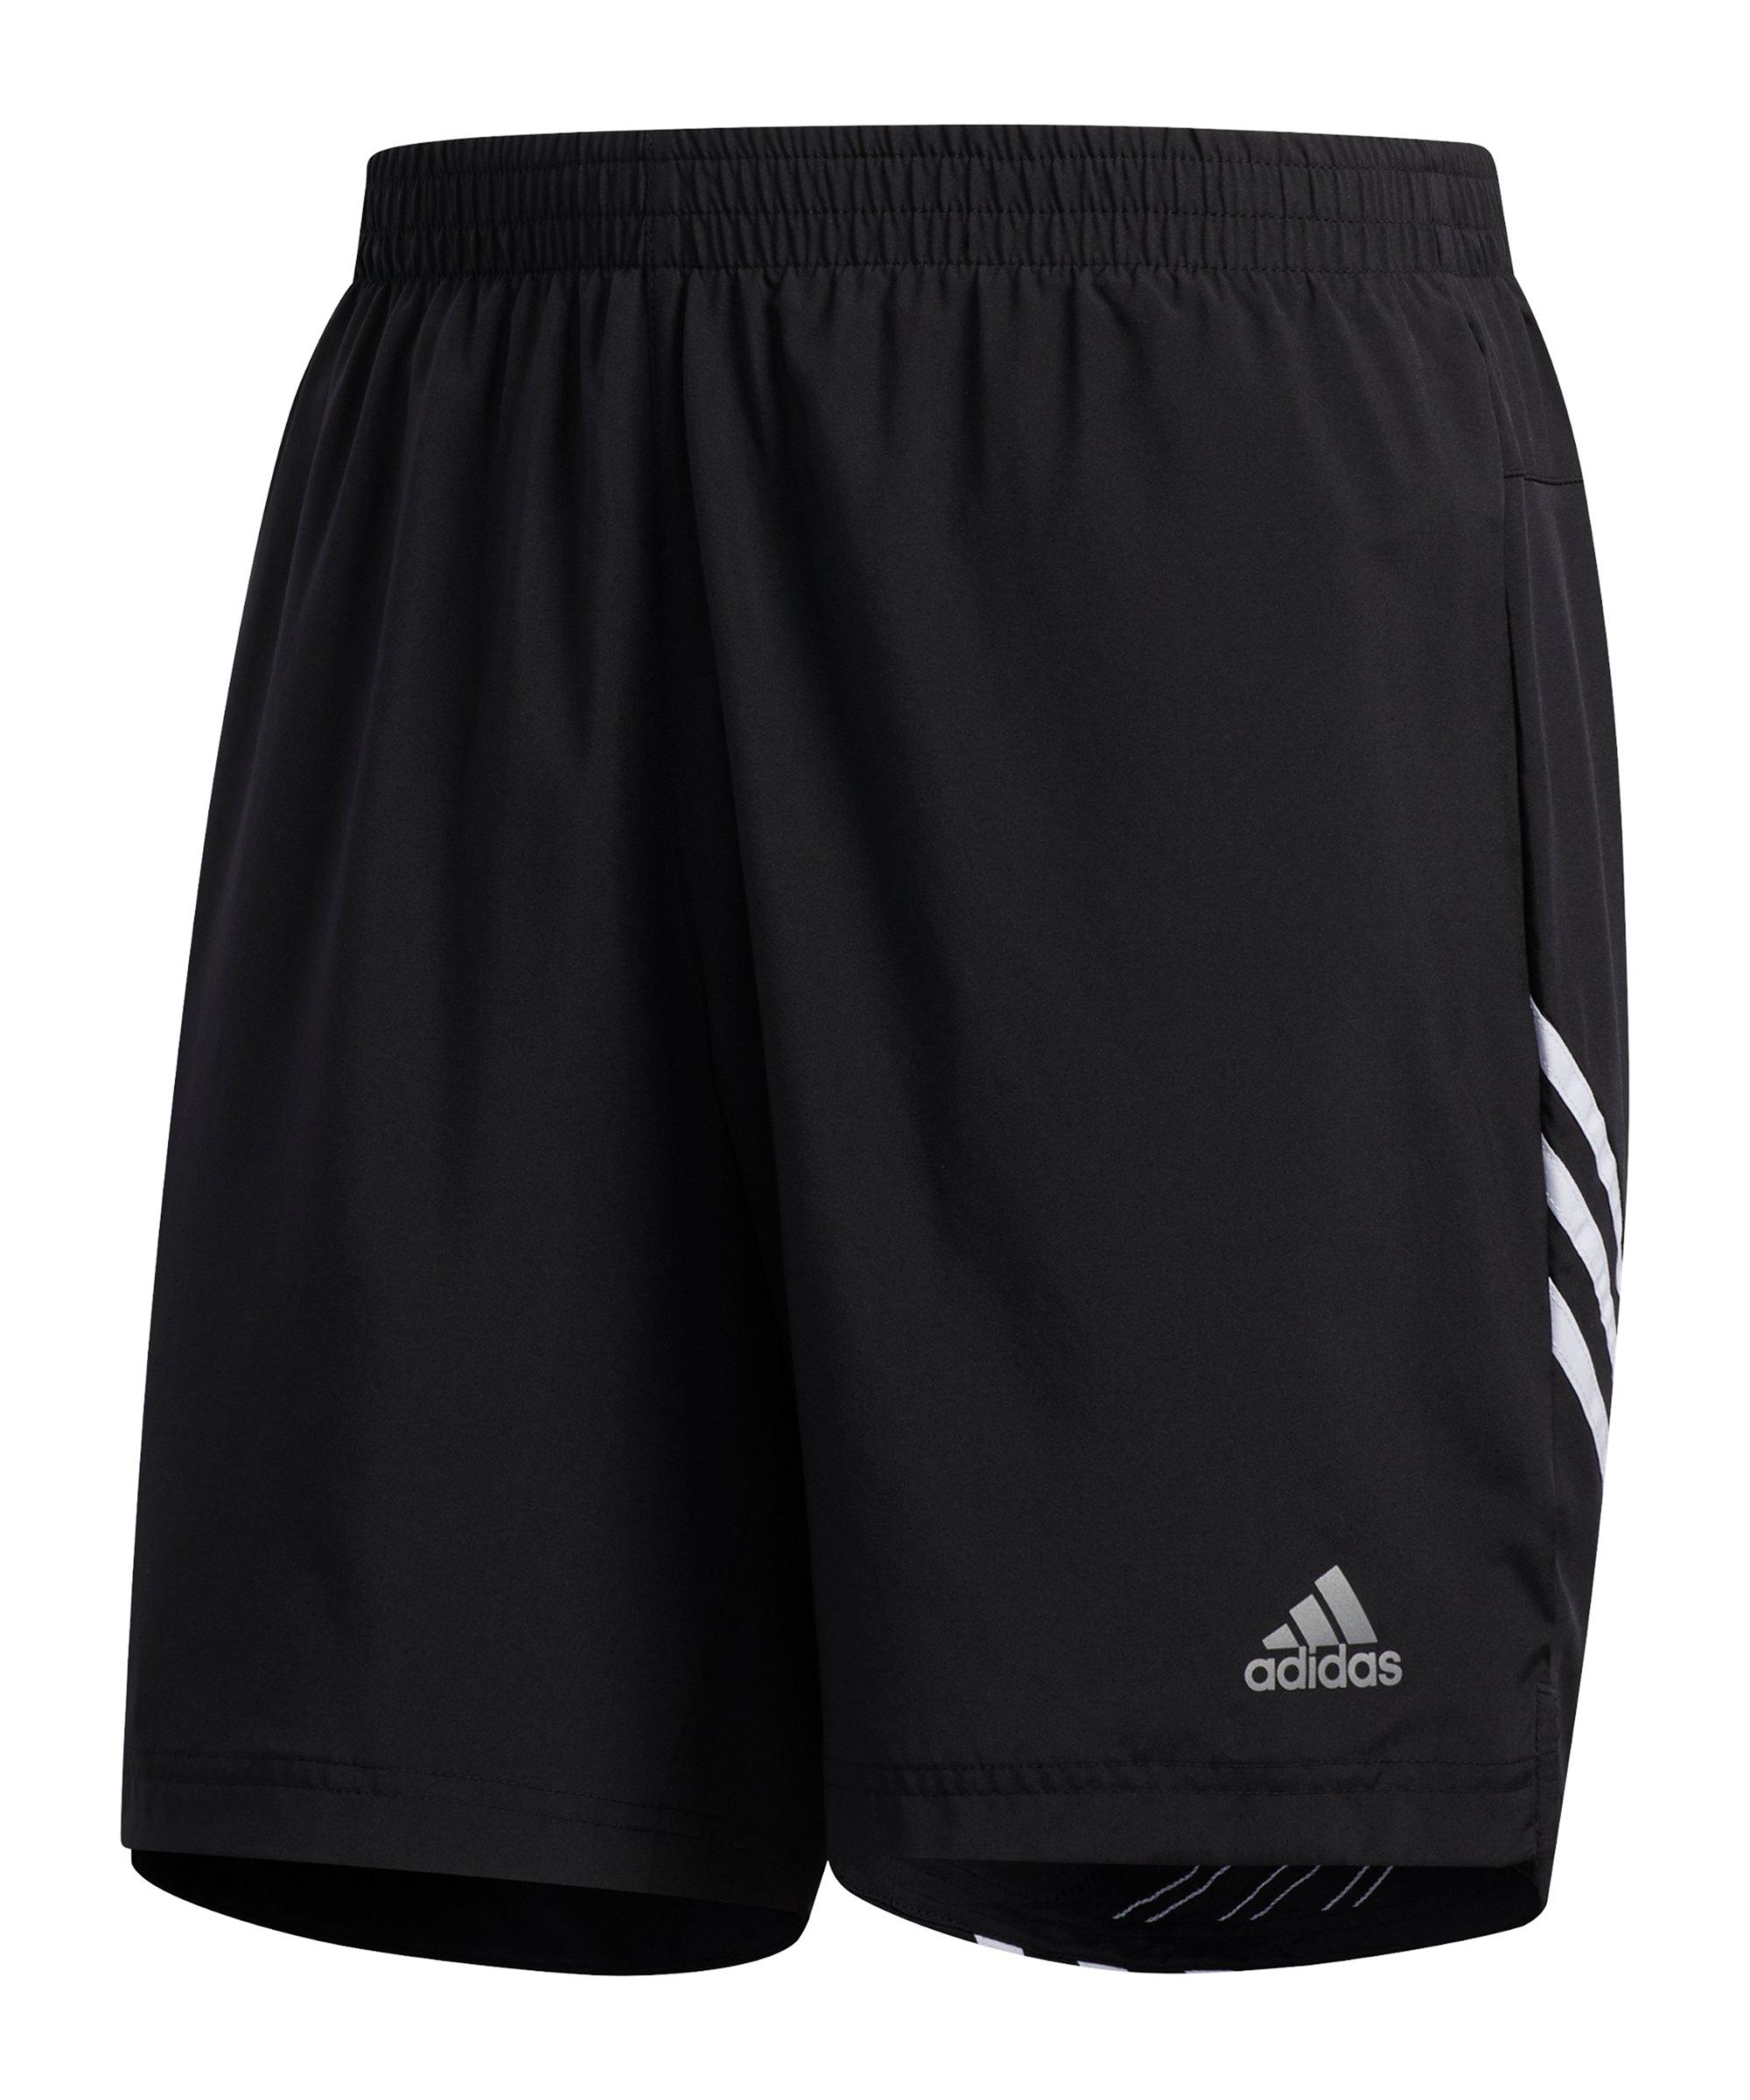 adidas Run It 3 Stripes Short Schwarz Weiss - schwarz